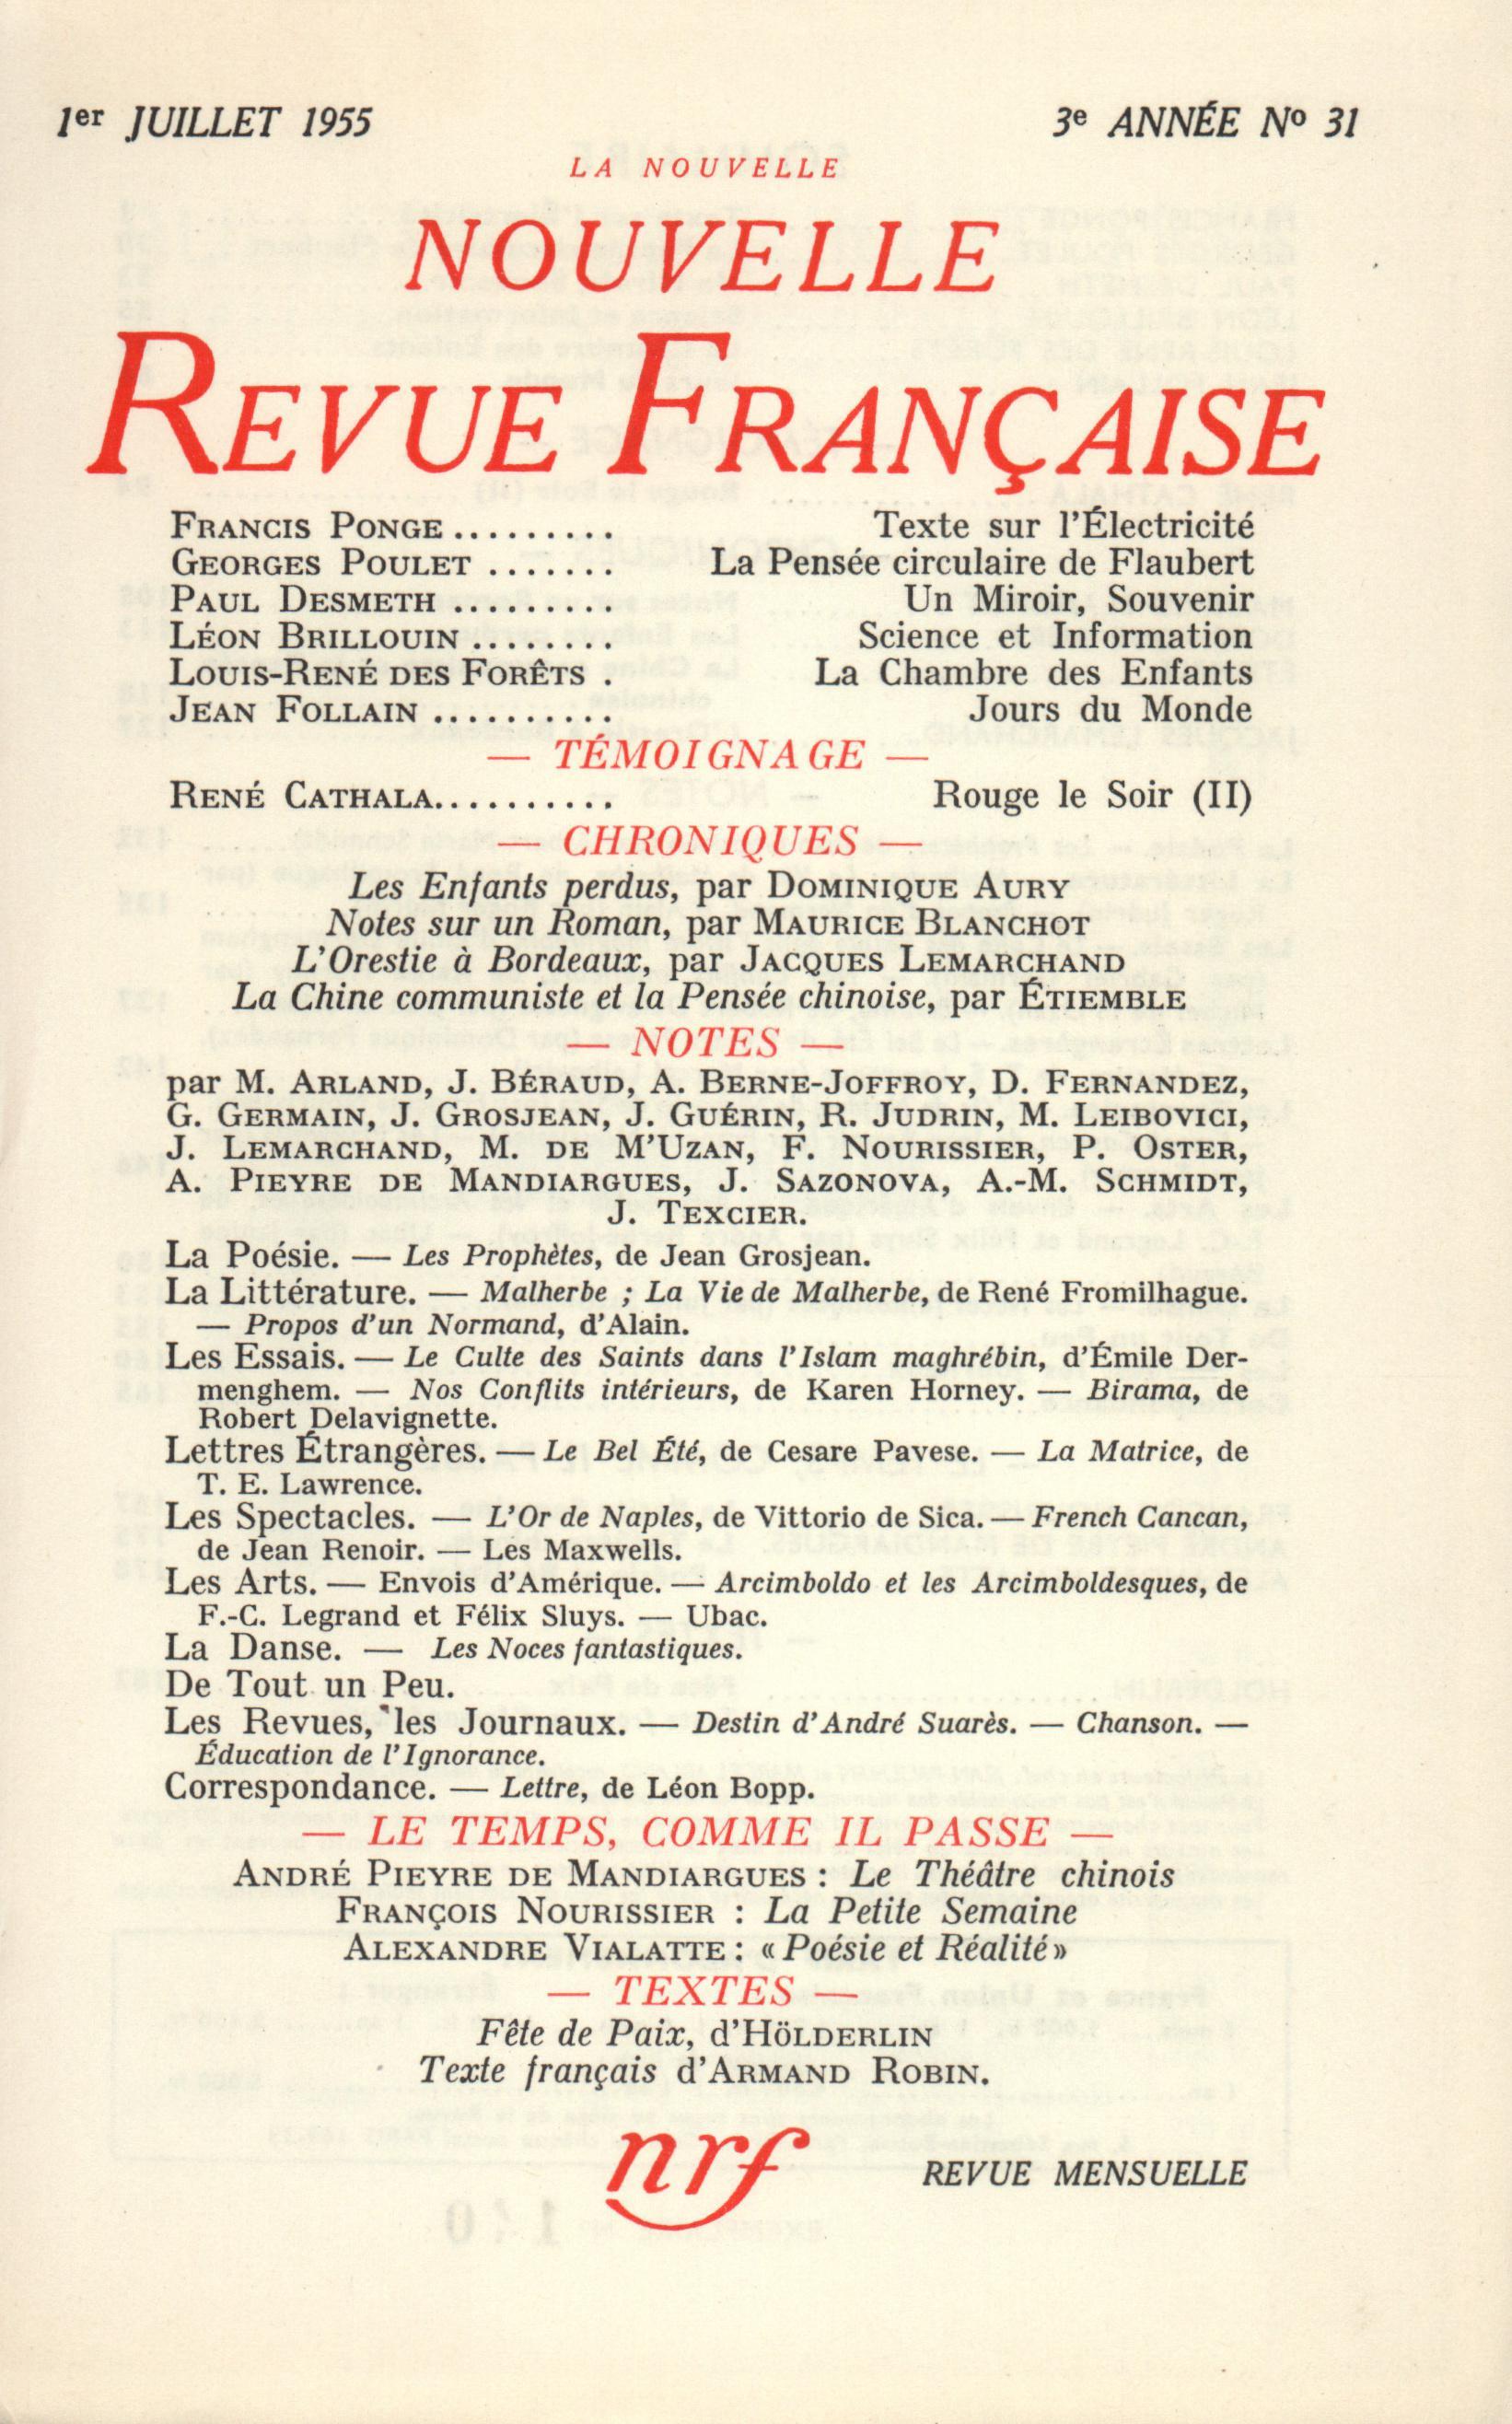 La Nouvelle Nouvelle Revue Française N' 31 (Juillet 1955)